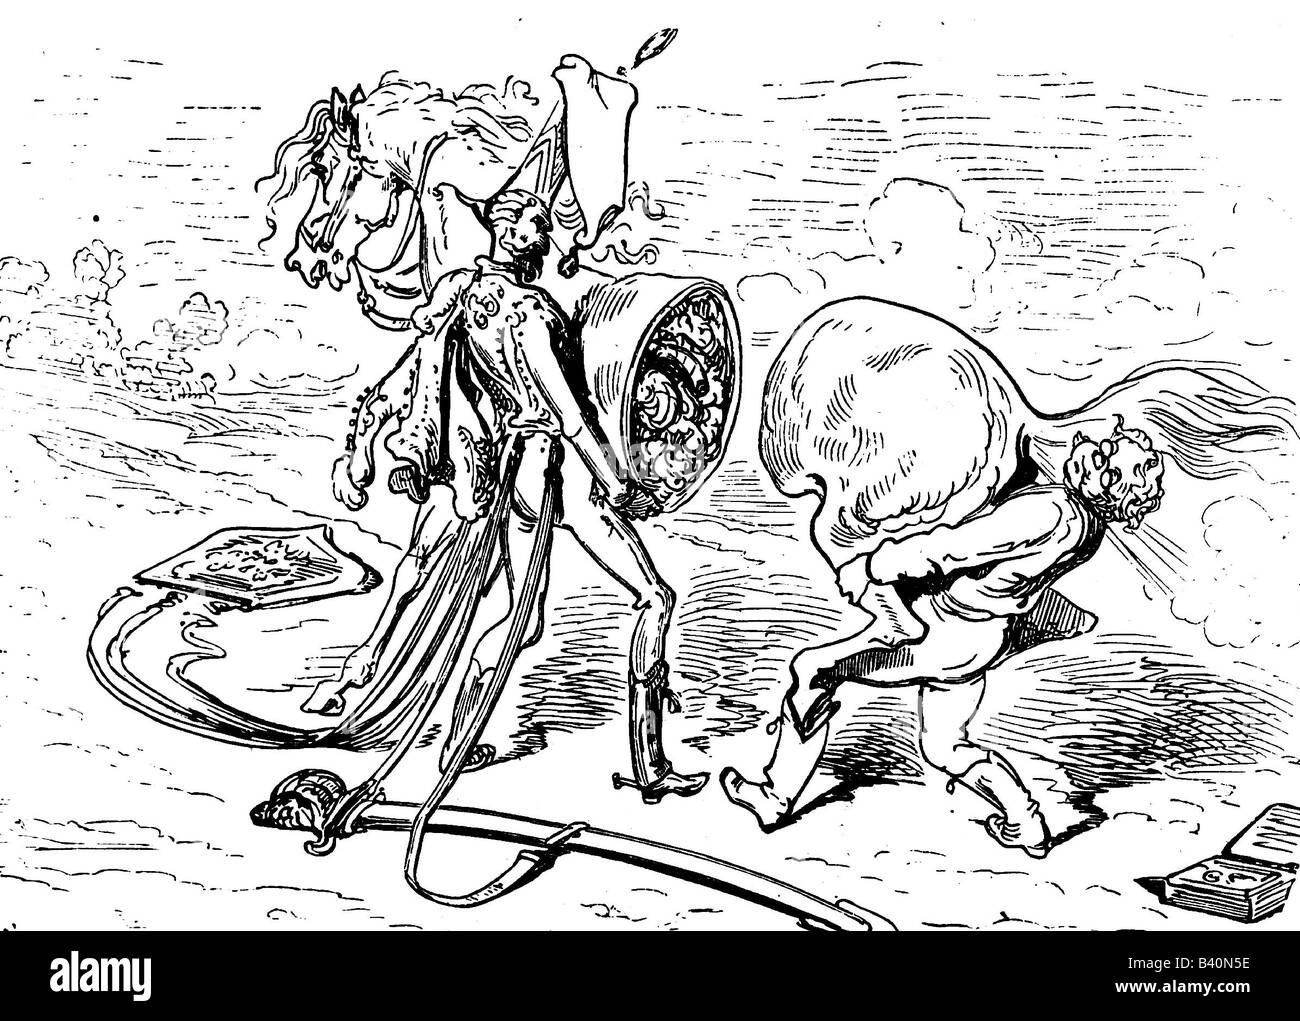 Münchhausen, Barone Karl Friedrich Hieronymus, Freiherr von, 11.5.1720 - 22.2.1797, scena delle sue avventure: Riparazione cavallo, incisione in legno 19th secolo, Foto Stock